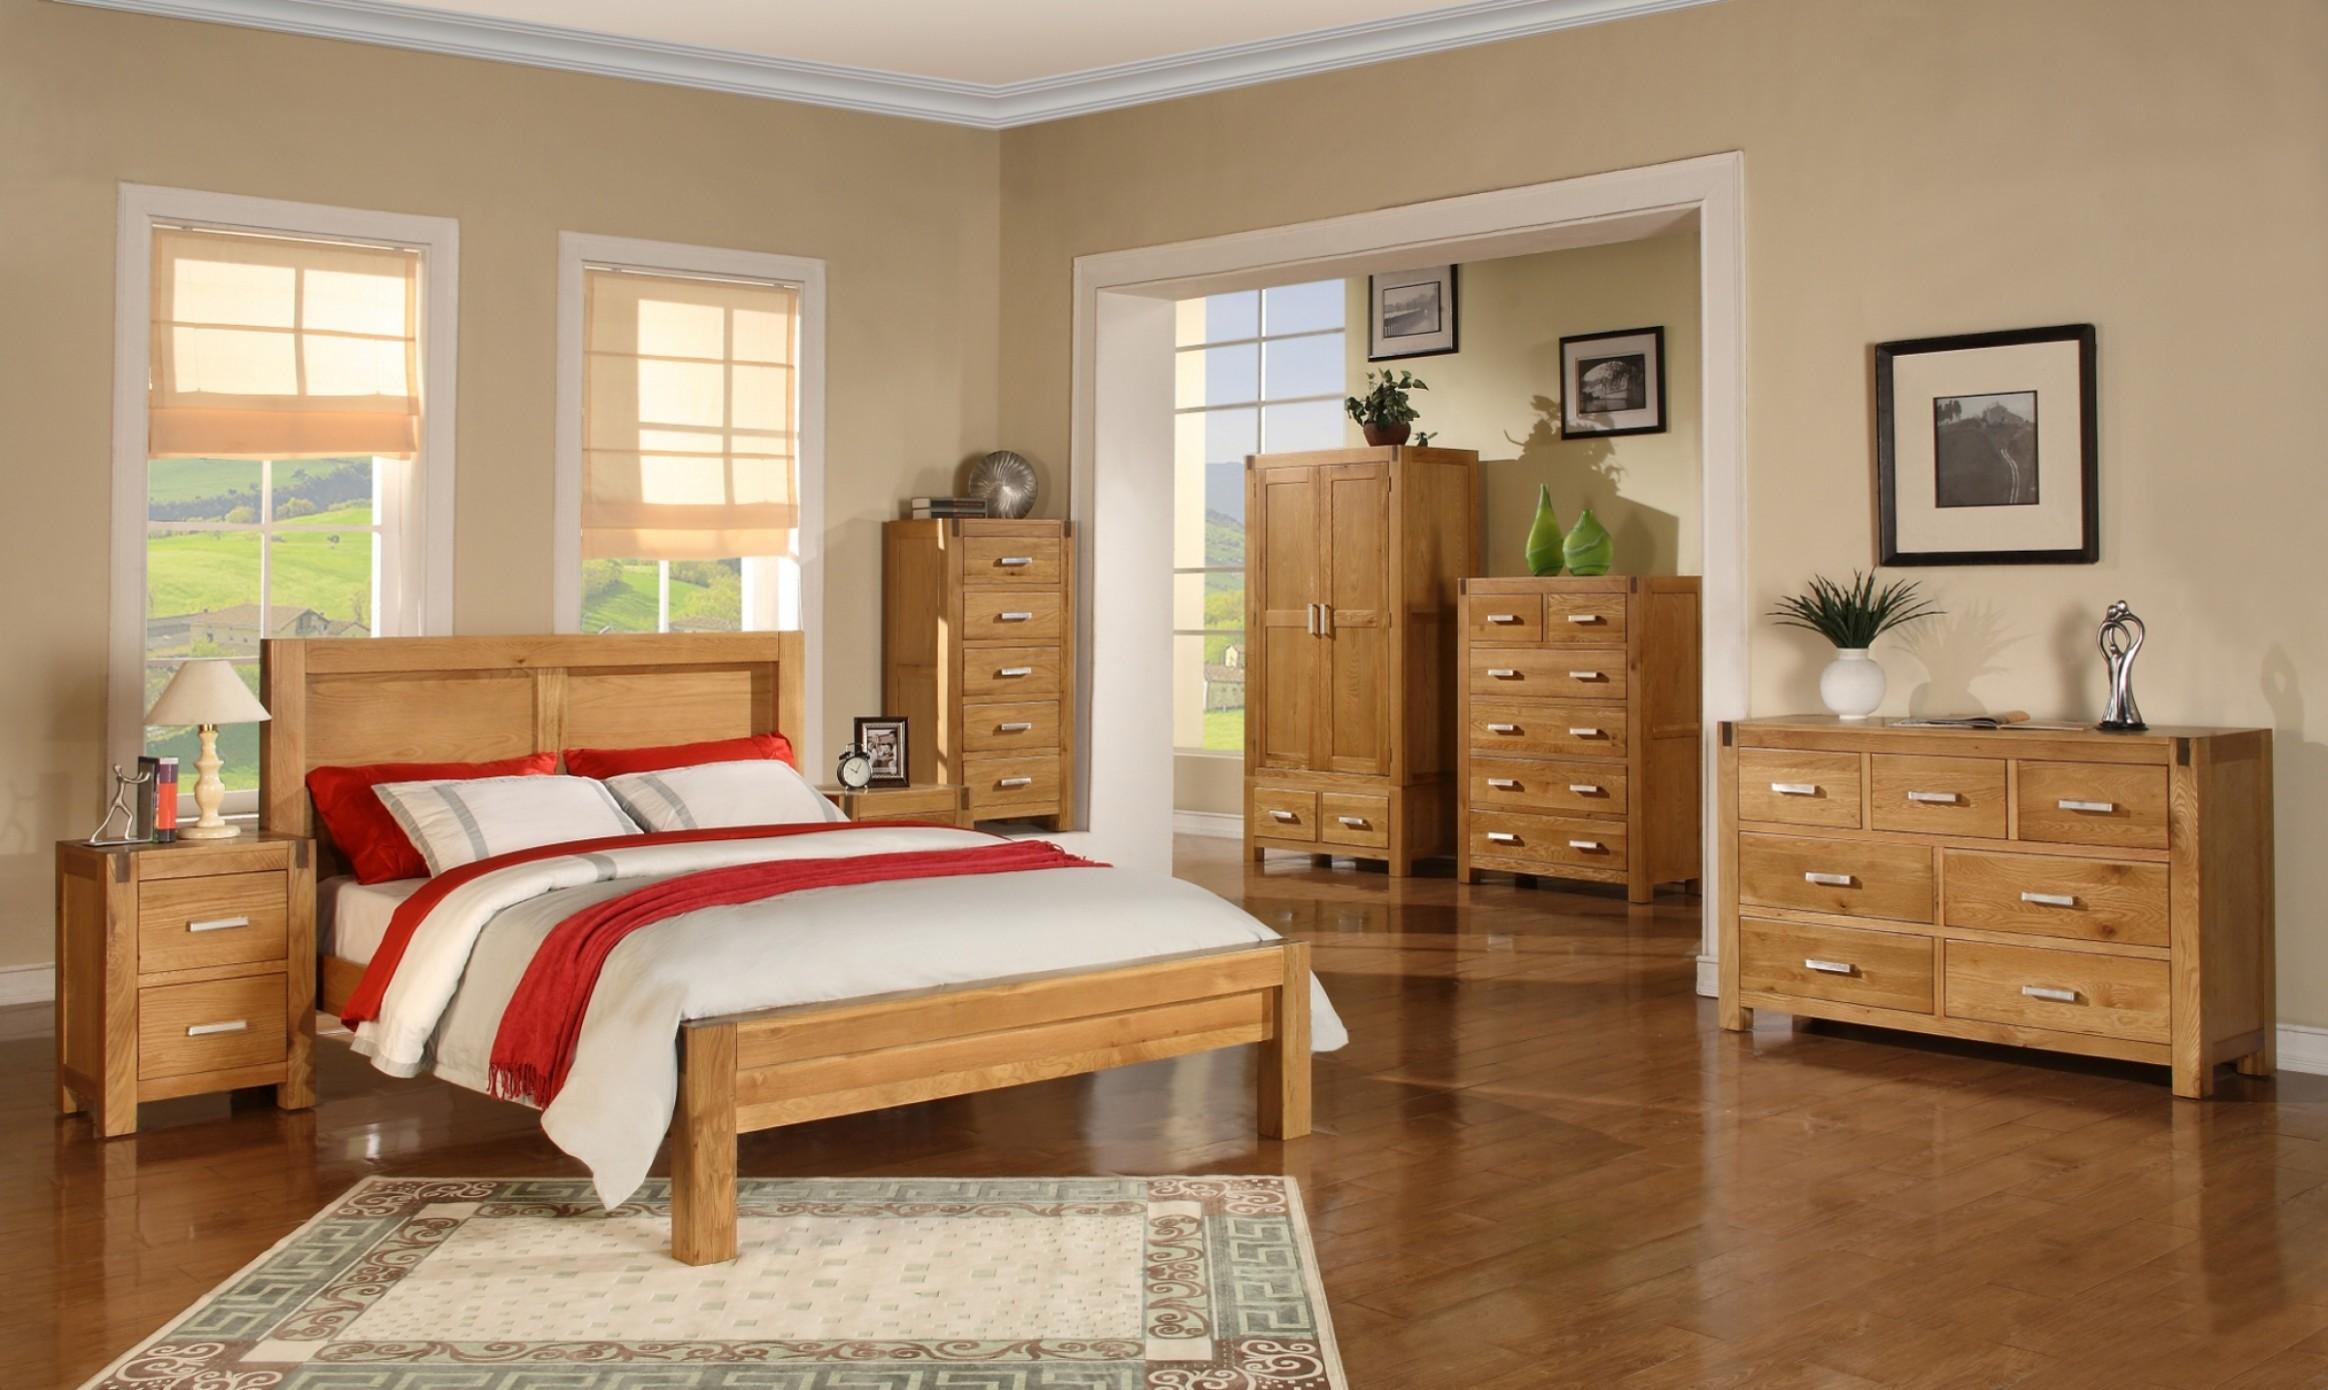 Oak Bedroom Furniture Sets - Ideas on Foter - Bedroom Ideas With Oak Furniture